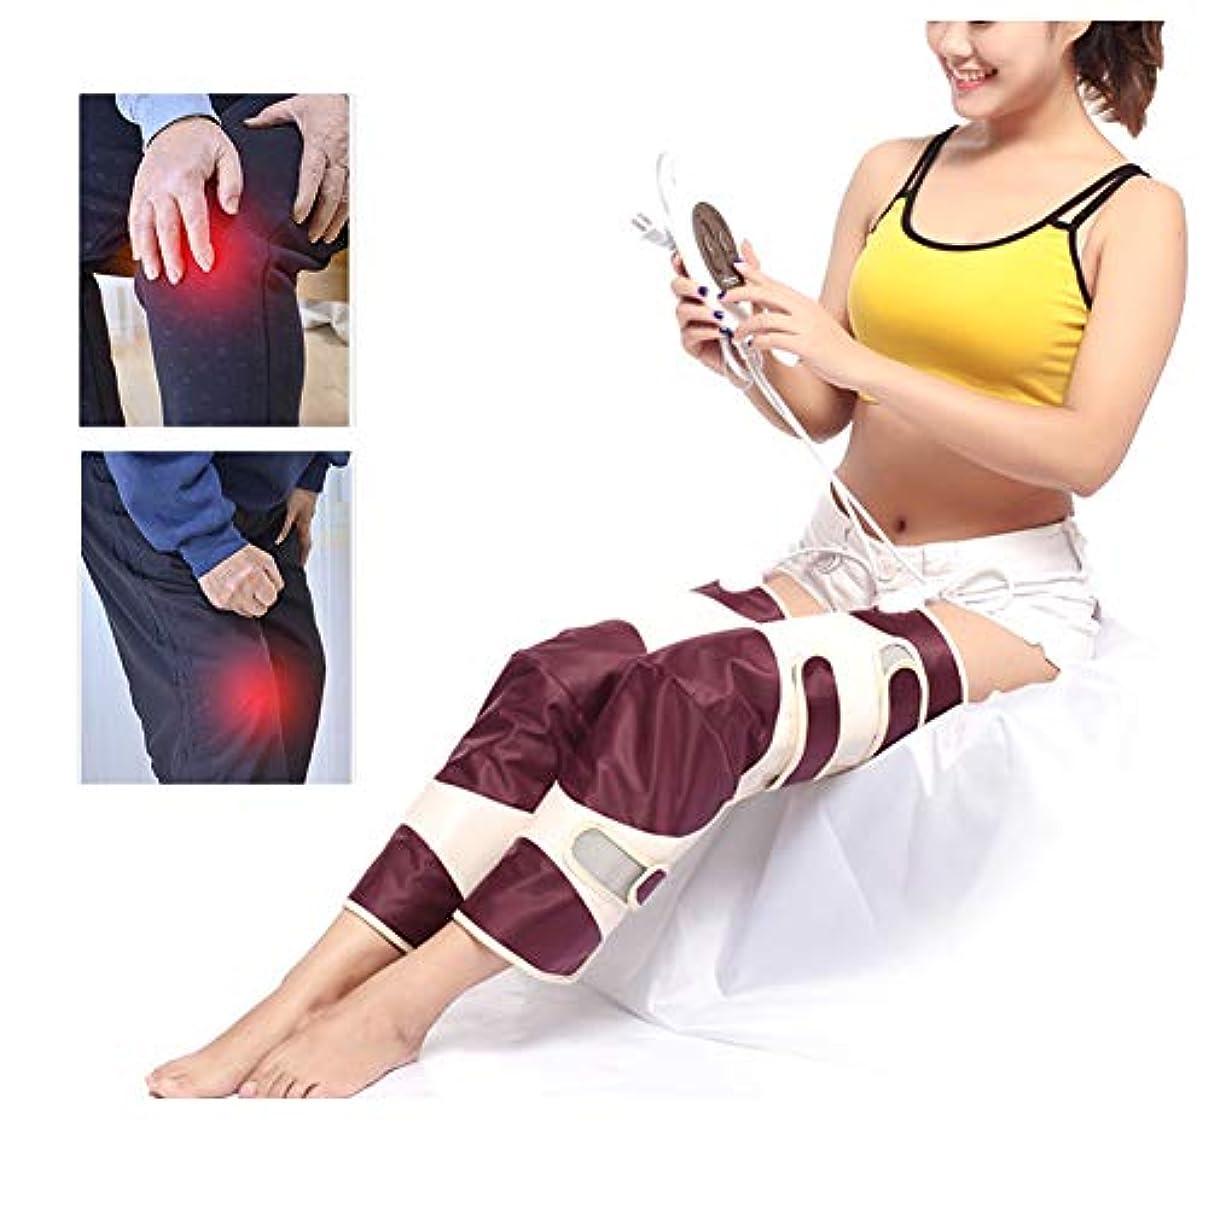 けん引レモンかすれた膝の怪我、痛みを軽減するための電気加熱膝ブレースサポート - 膝温かいラップ加熱パッド - 遠赤外線治療マッサージャー